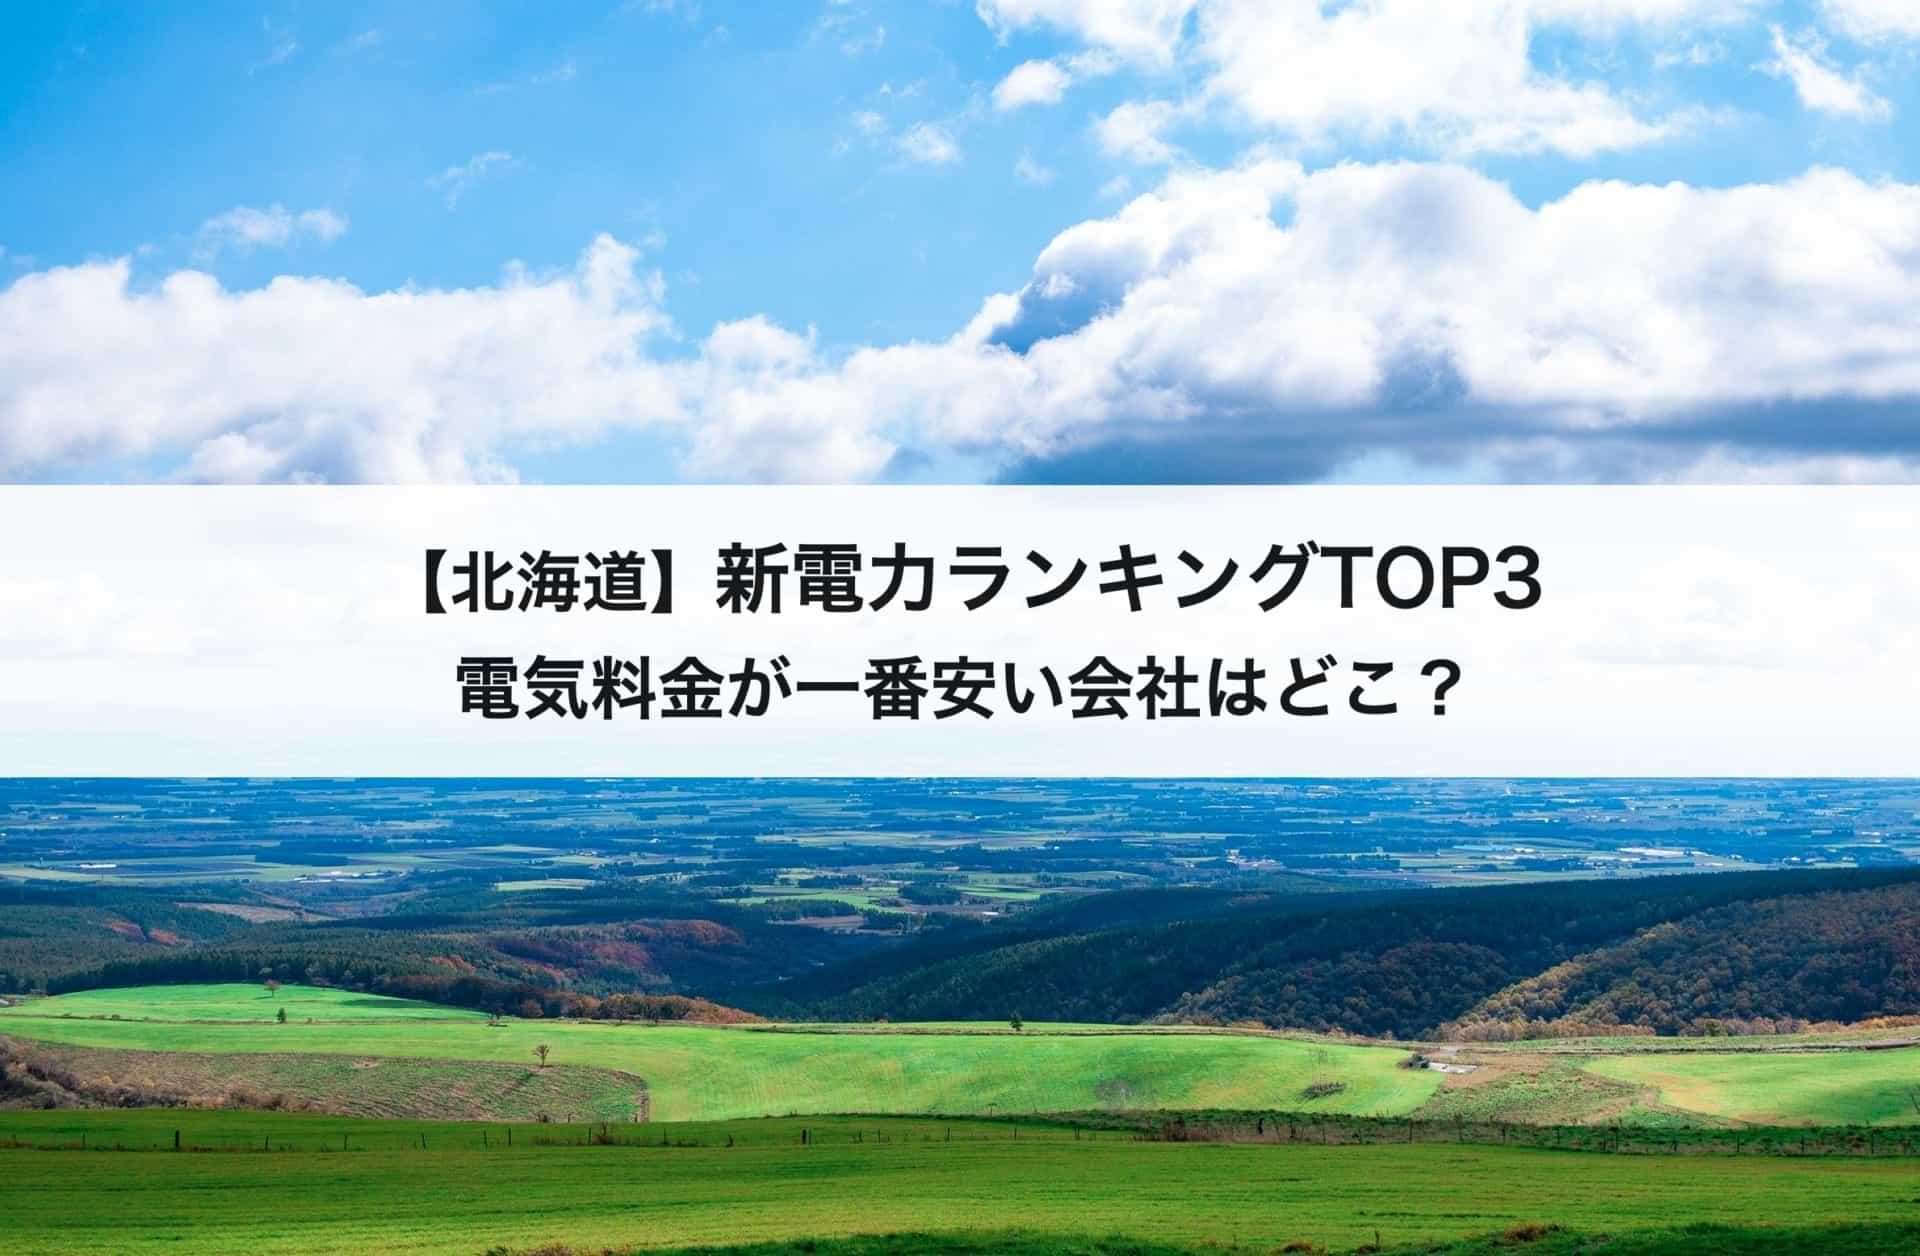 【北海道】新電力会社おすすめランキングTOP3|電気料金が一番安い会社はどこ?